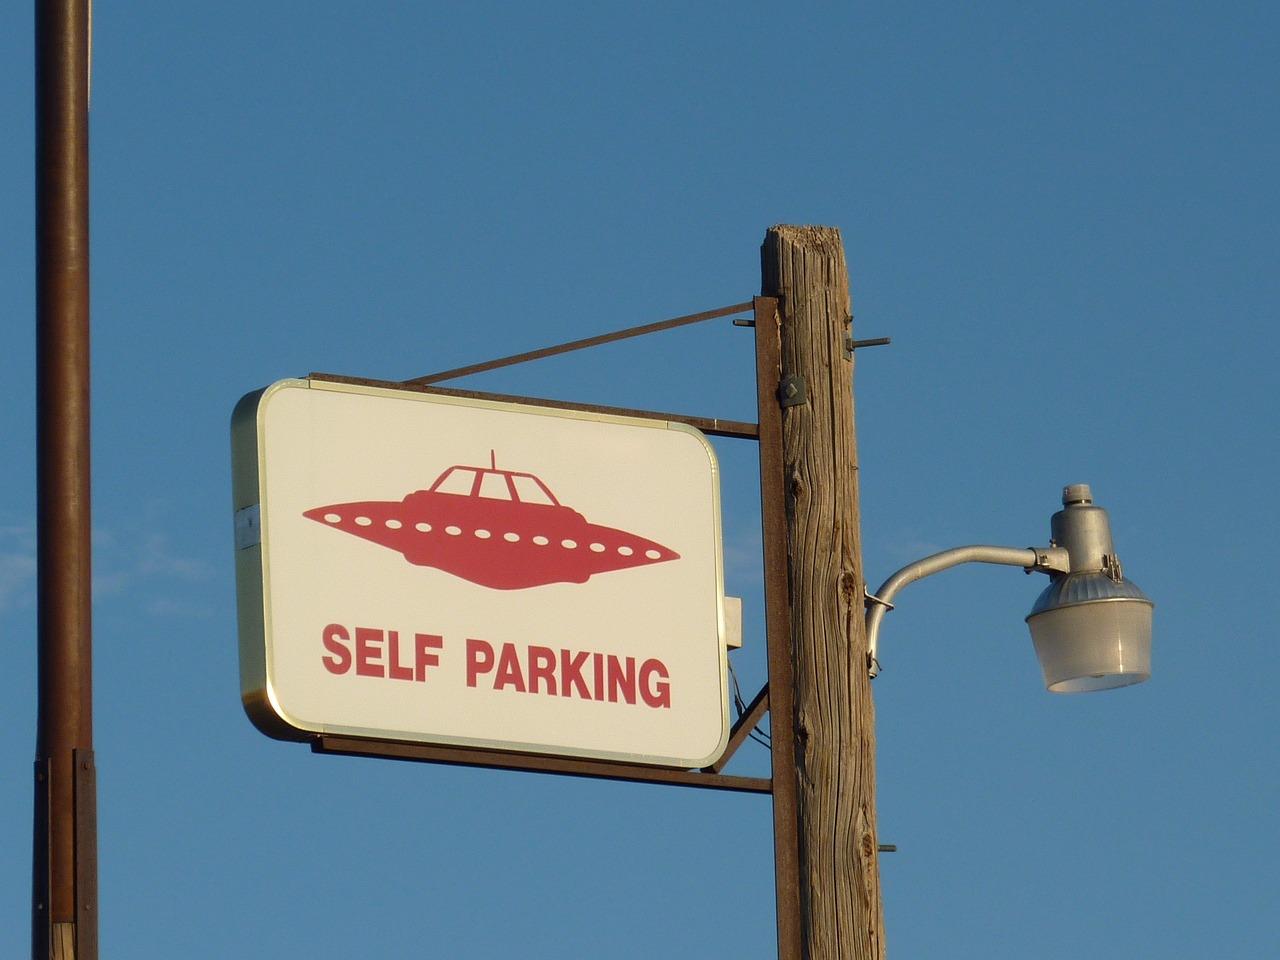 エイリアン, エリア 51, Ufo, 地球外ハイウェイ, レイチェル, ネバダ, 道路標識, 公園, 駐車場